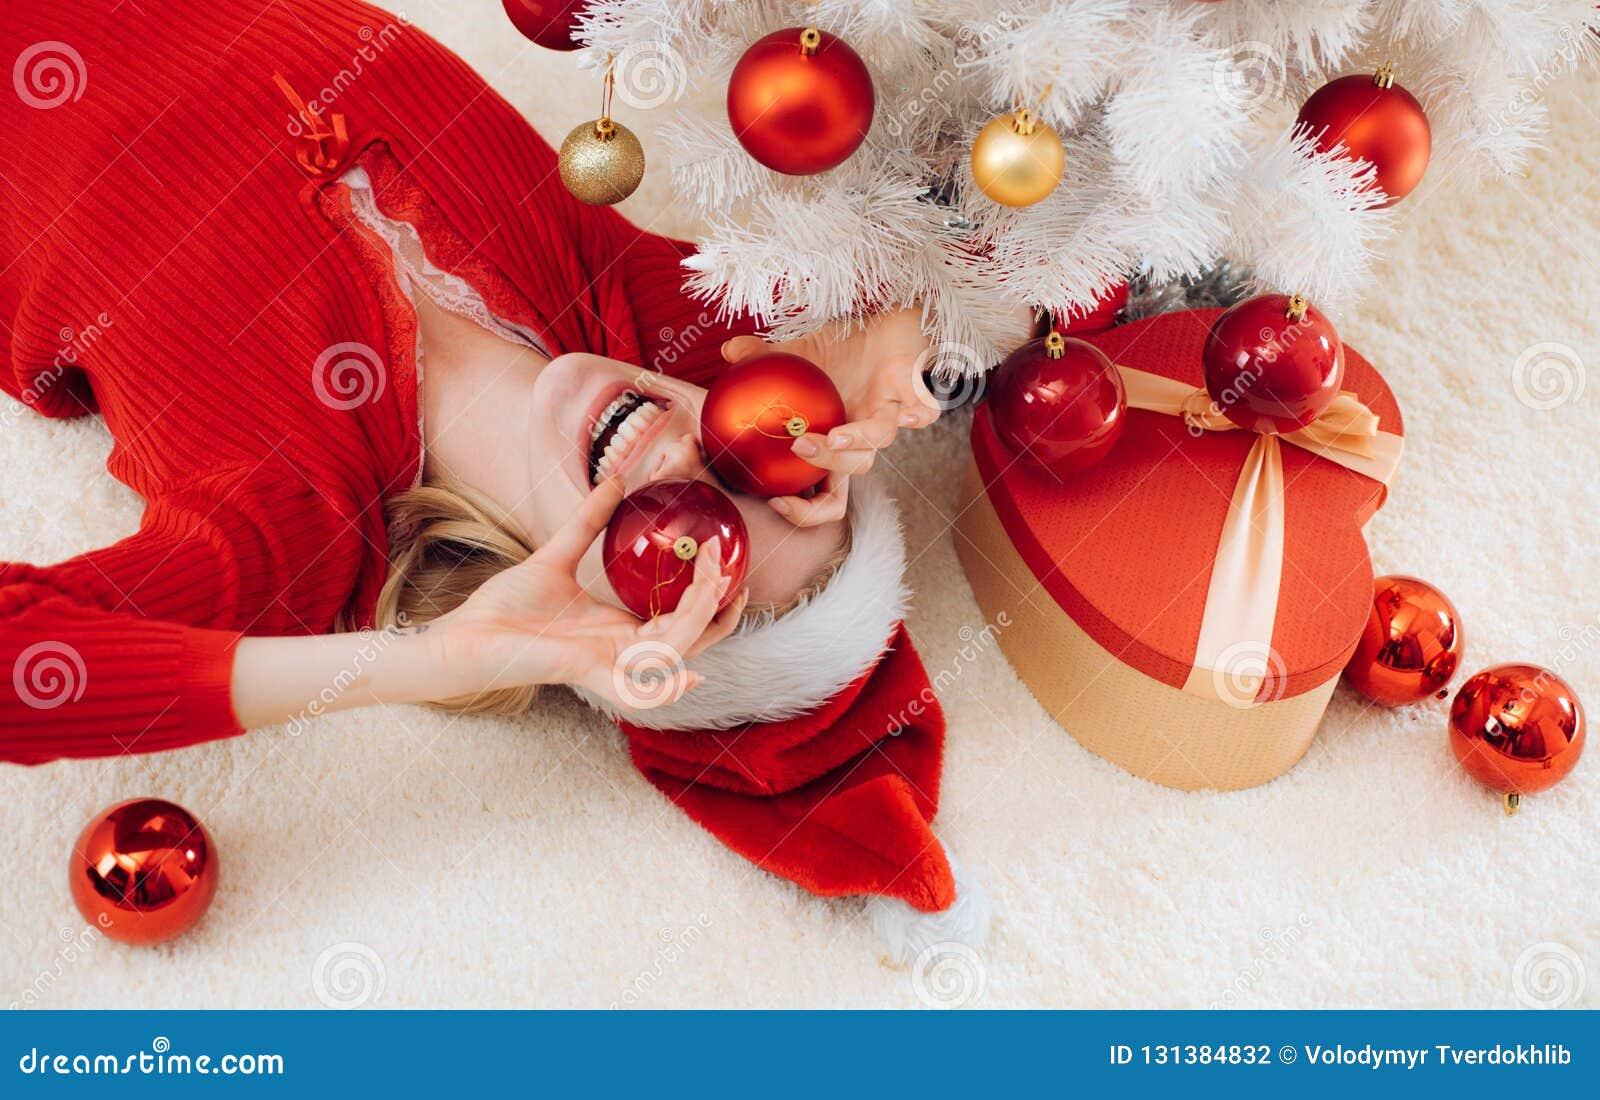 Año Nuevo de las mujeres Feliz Navidad y Feliz Año Nuevo Diversión de Papá Noel Rectángulo de regalo del Año Nuevo Muchacha diver